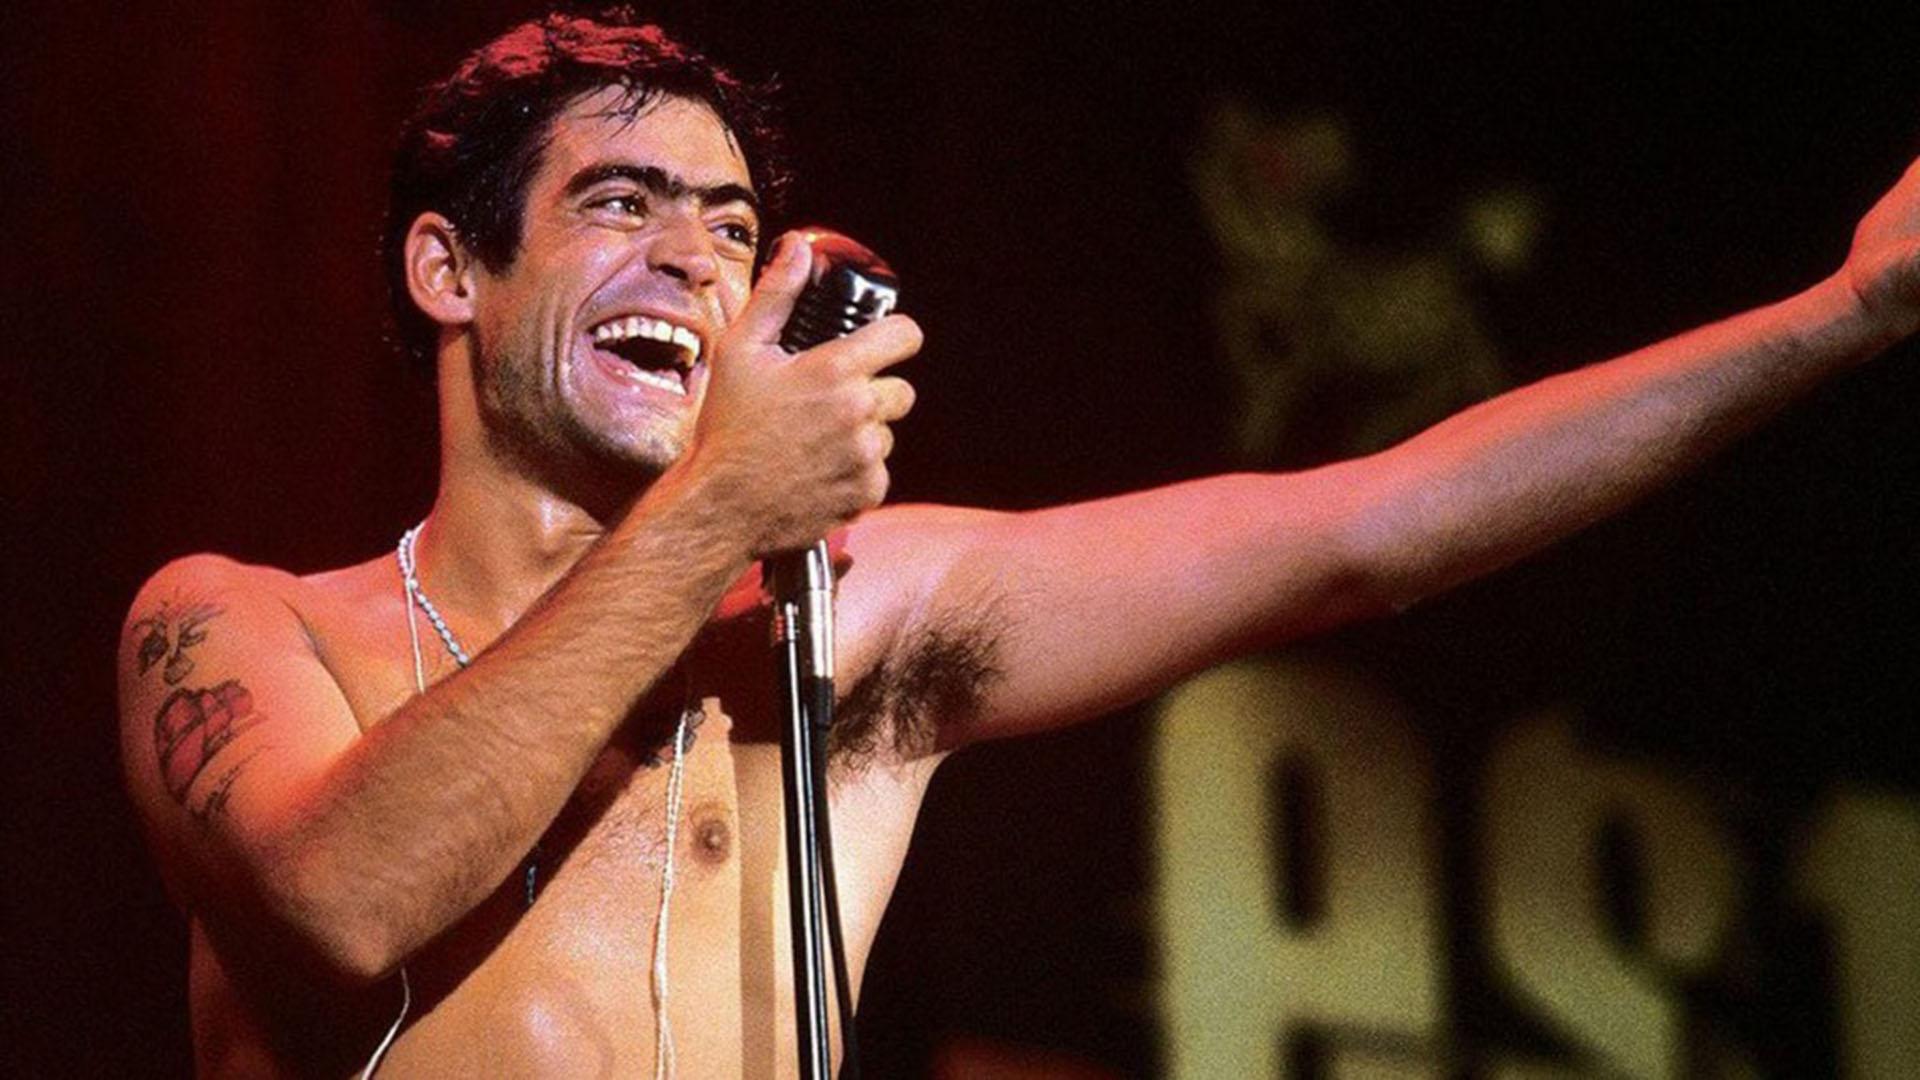 El 24 de junio del 2000 fallecía en un accidente automovilístico el cantante Rodrigo Bueno.